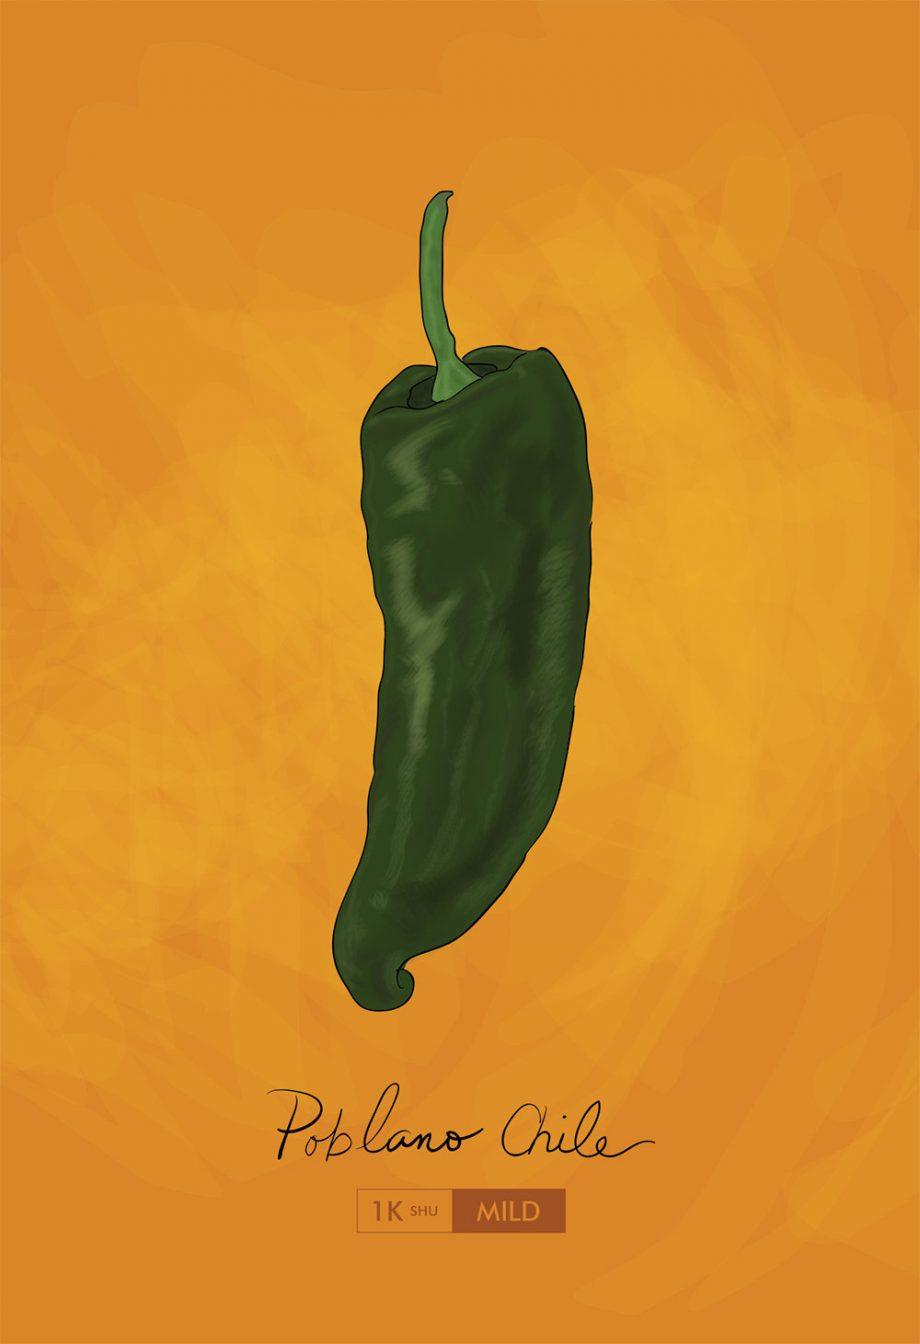 Poblano Chili Pepper Kitchen Print Giclee Original Art Cotton Canvas Paper Canvas Mexican Rustic Chile Theme Home Decor